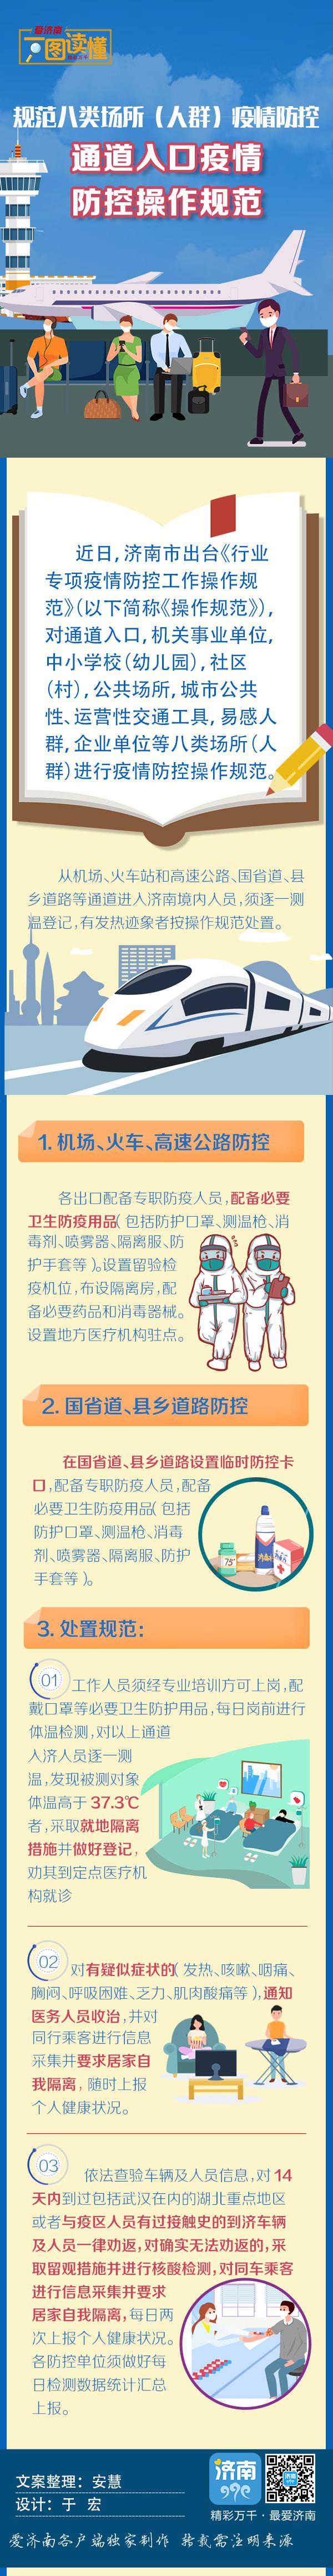 济南市规范八类场所(人群)疫情防控操作规范丨通道入口篇